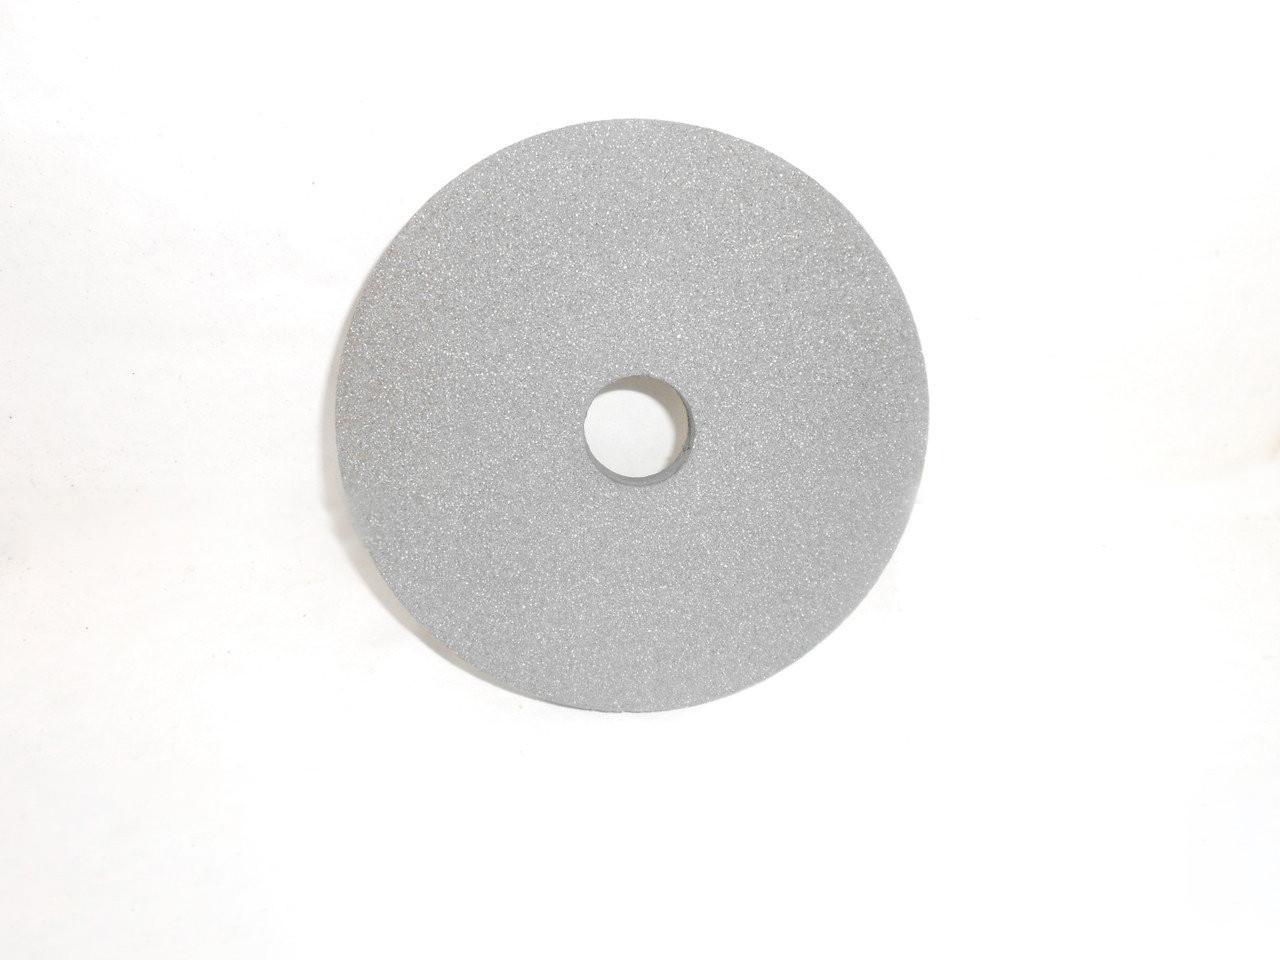 Круг шлифовальный 14А ПП 200х10х32  16-40 СТ, СМ